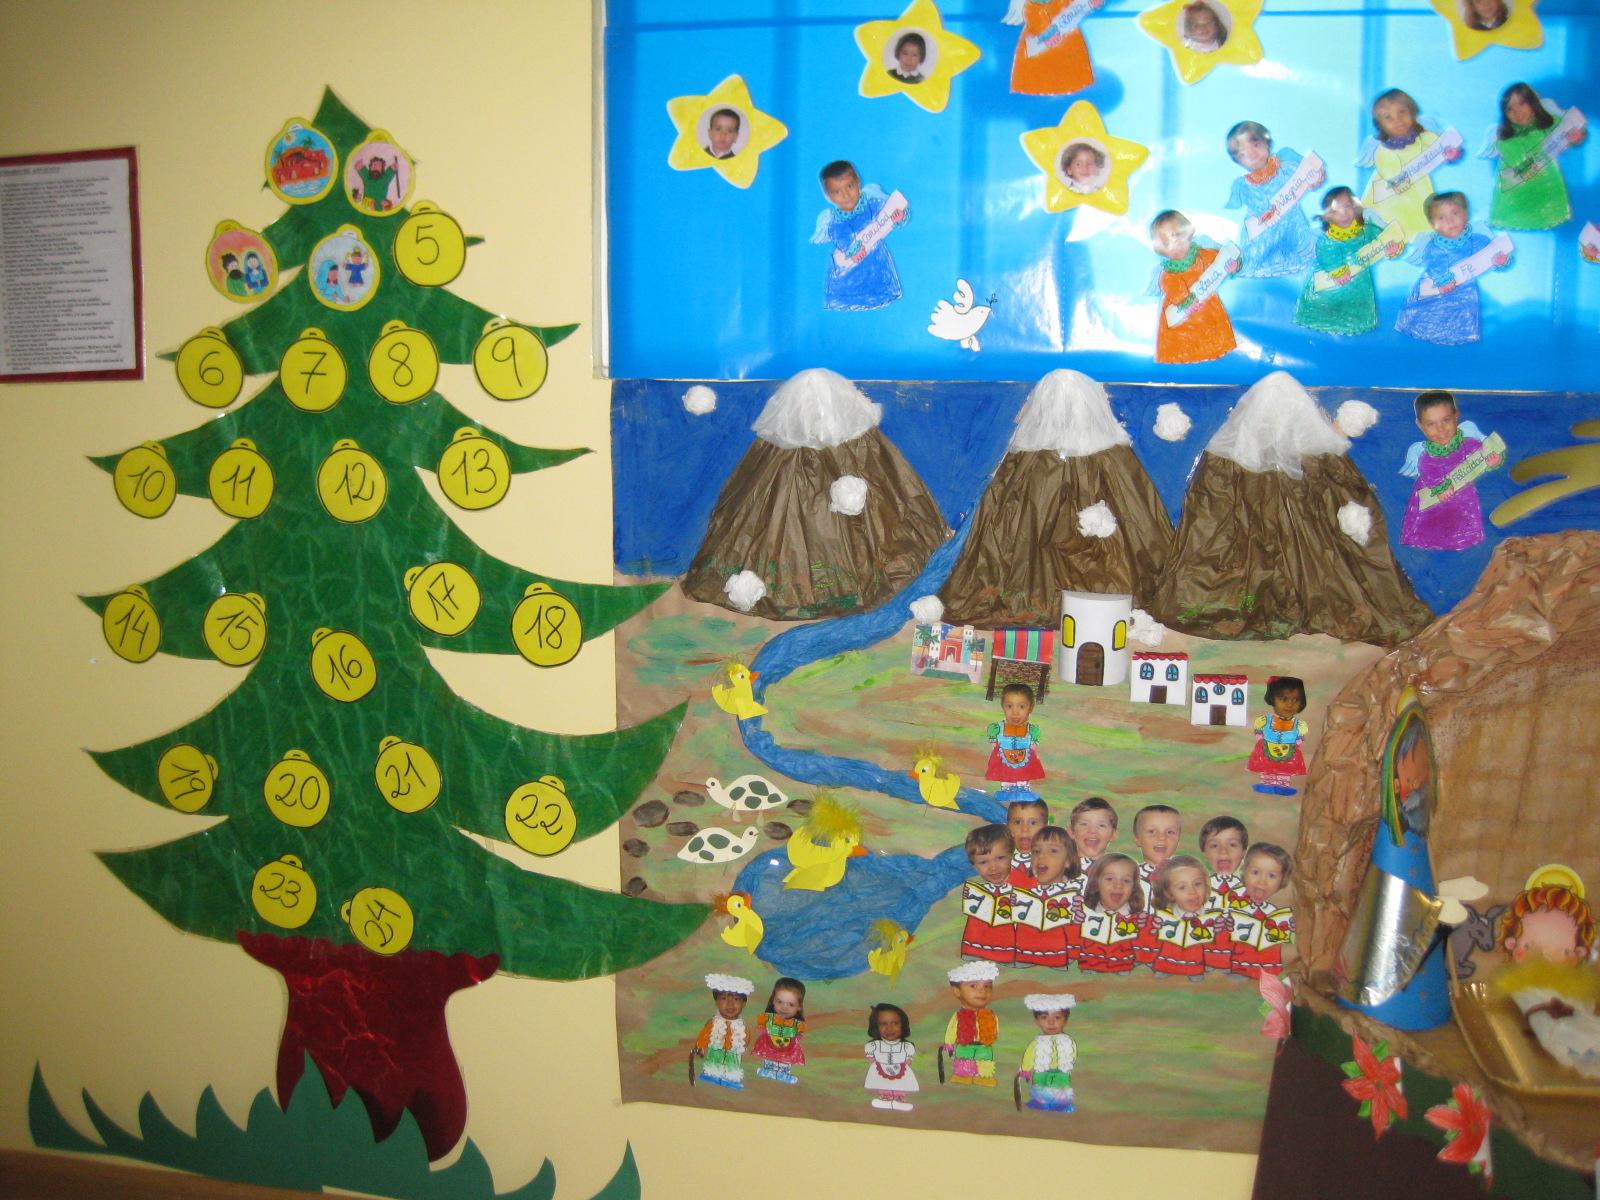 Mural De Navidad Recurso Educativo 90771 Tiching